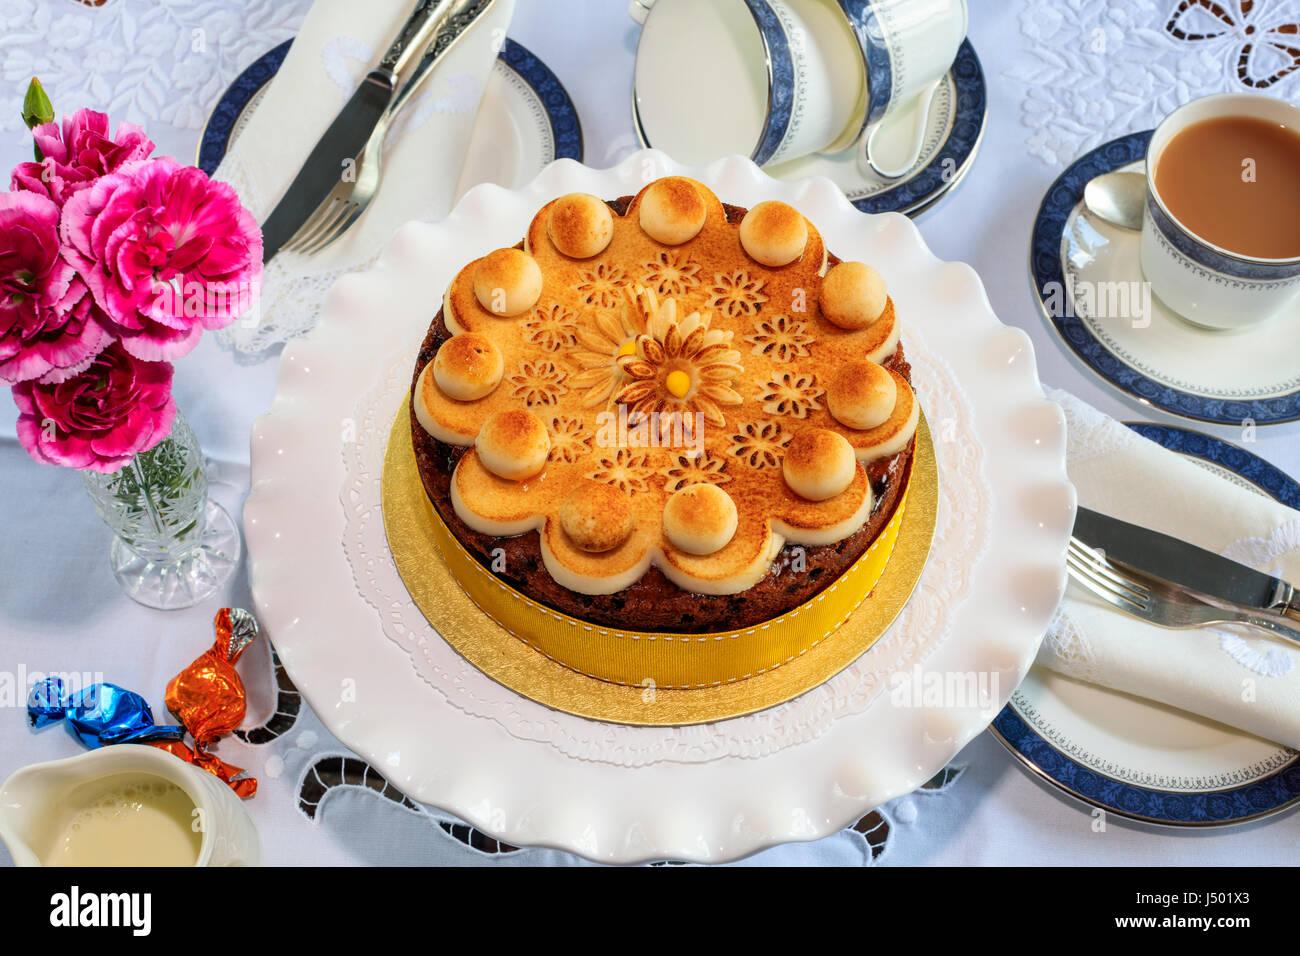 Simnel Kuchen - traditionelle Osterkuchen Obst dekoriert mit Marzipan auf einem Tisch für Tee. Stockfoto